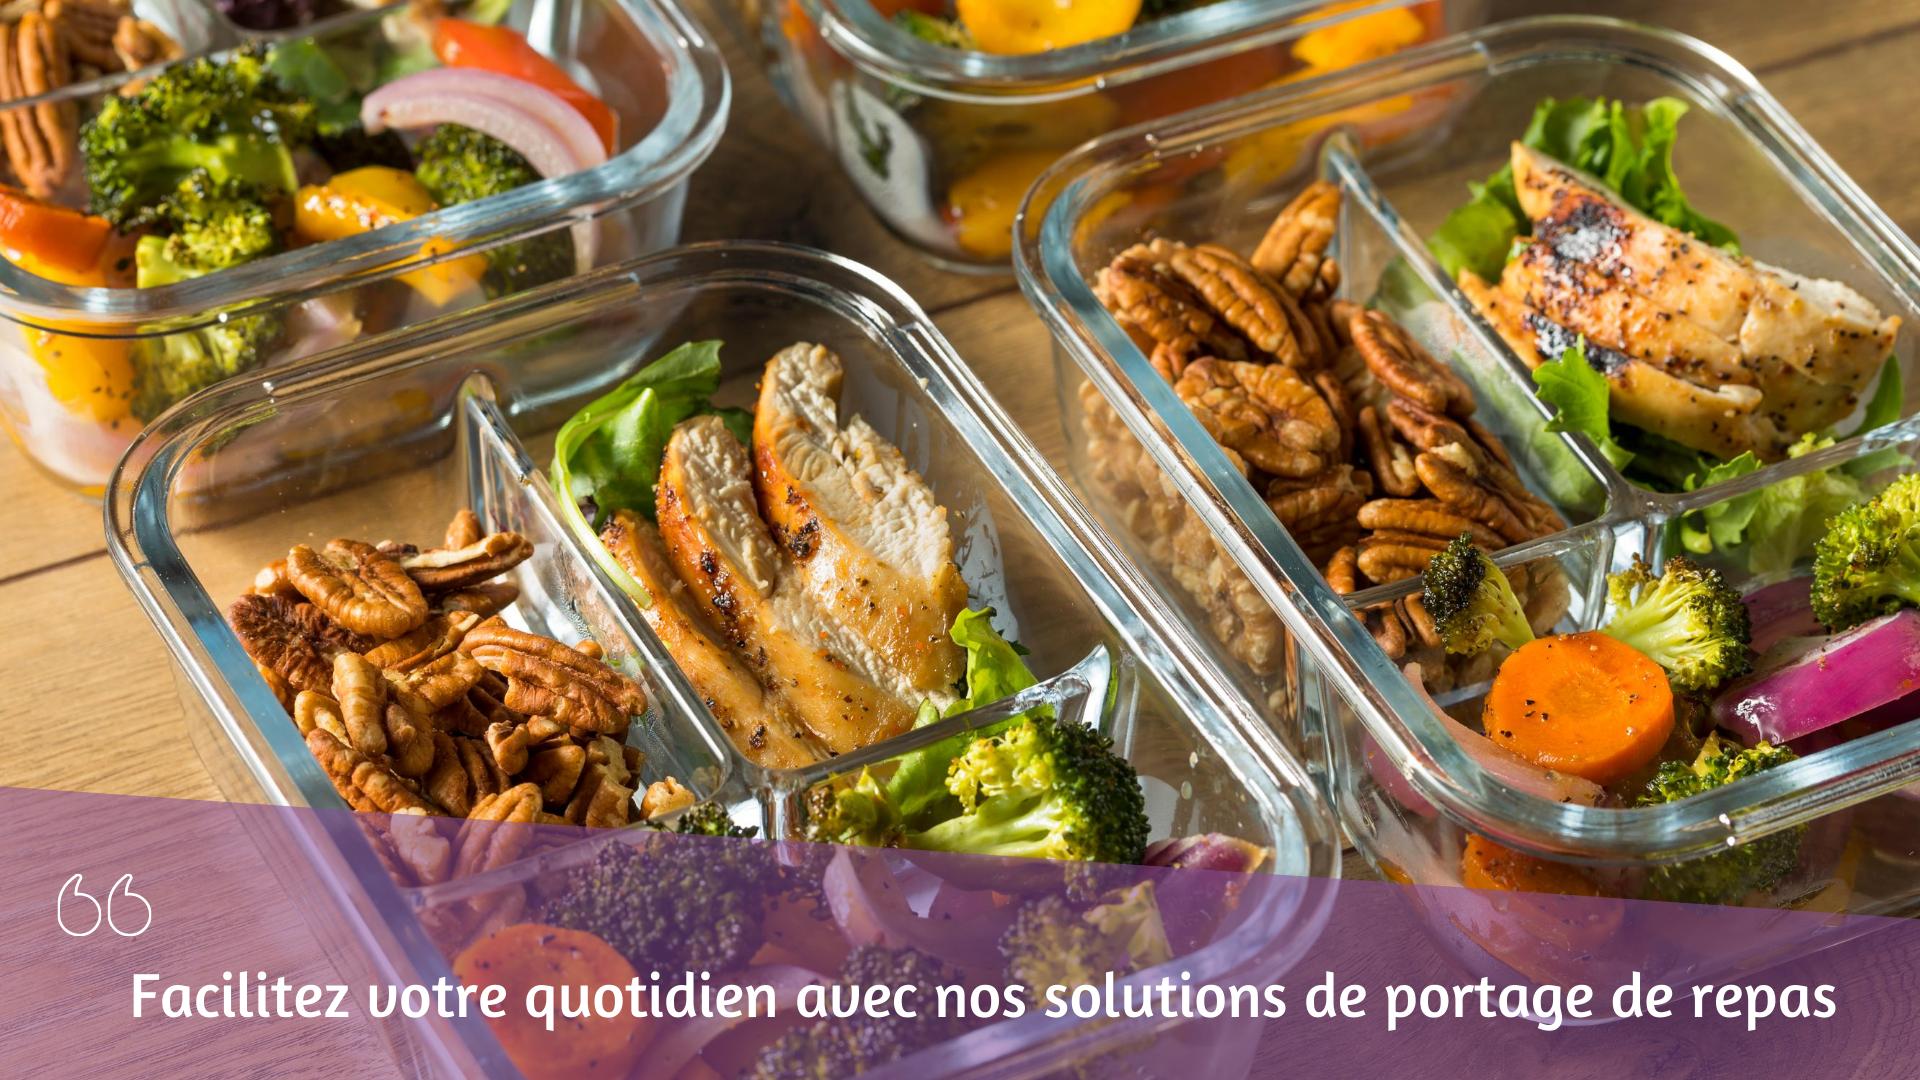 Facilitez votre quotidien avec notre solution de repas ...